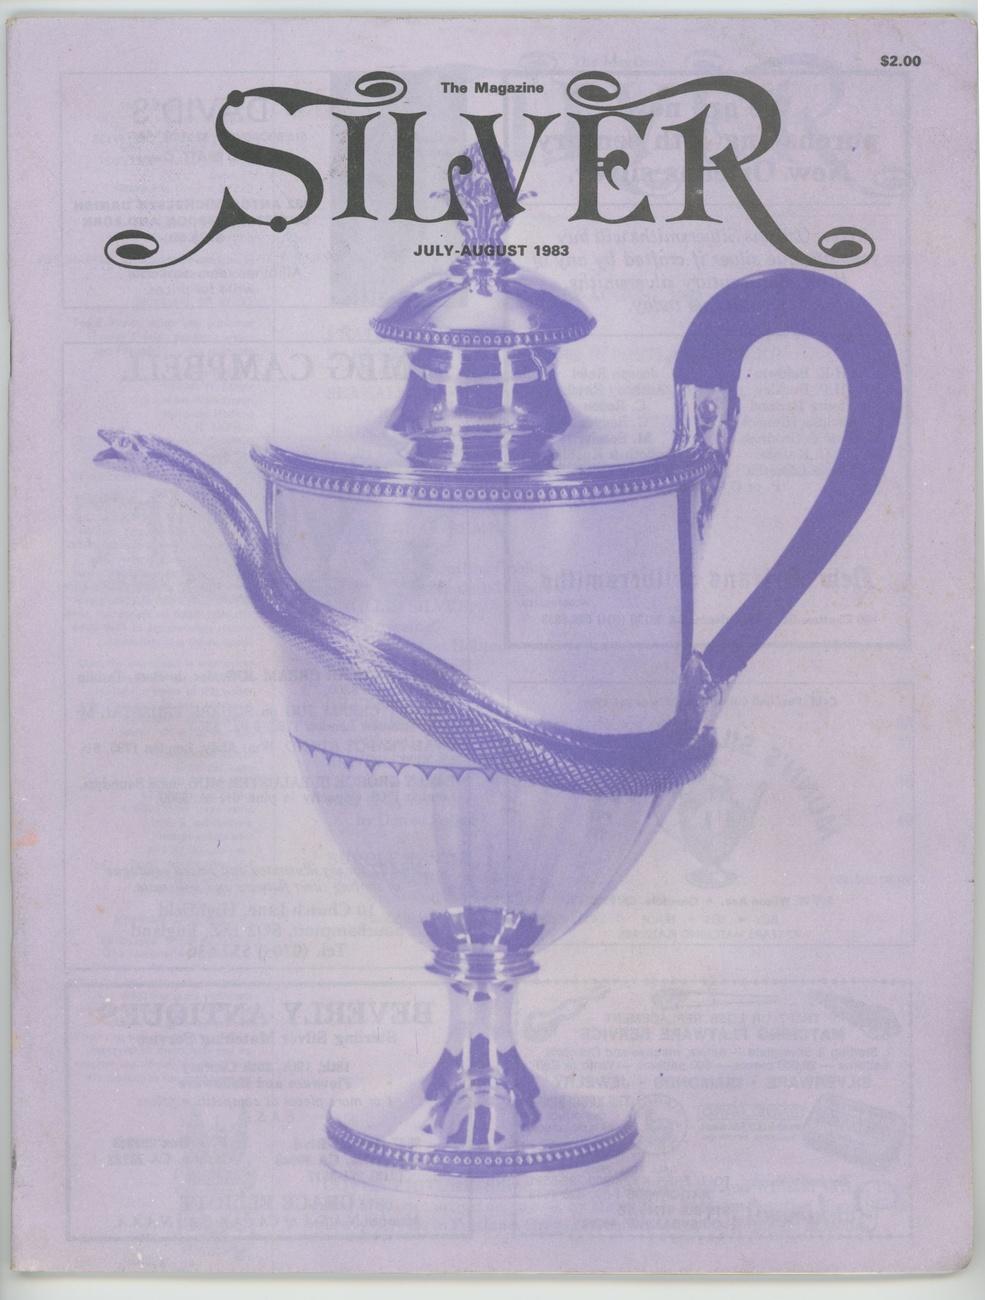 Silvermayjuly83